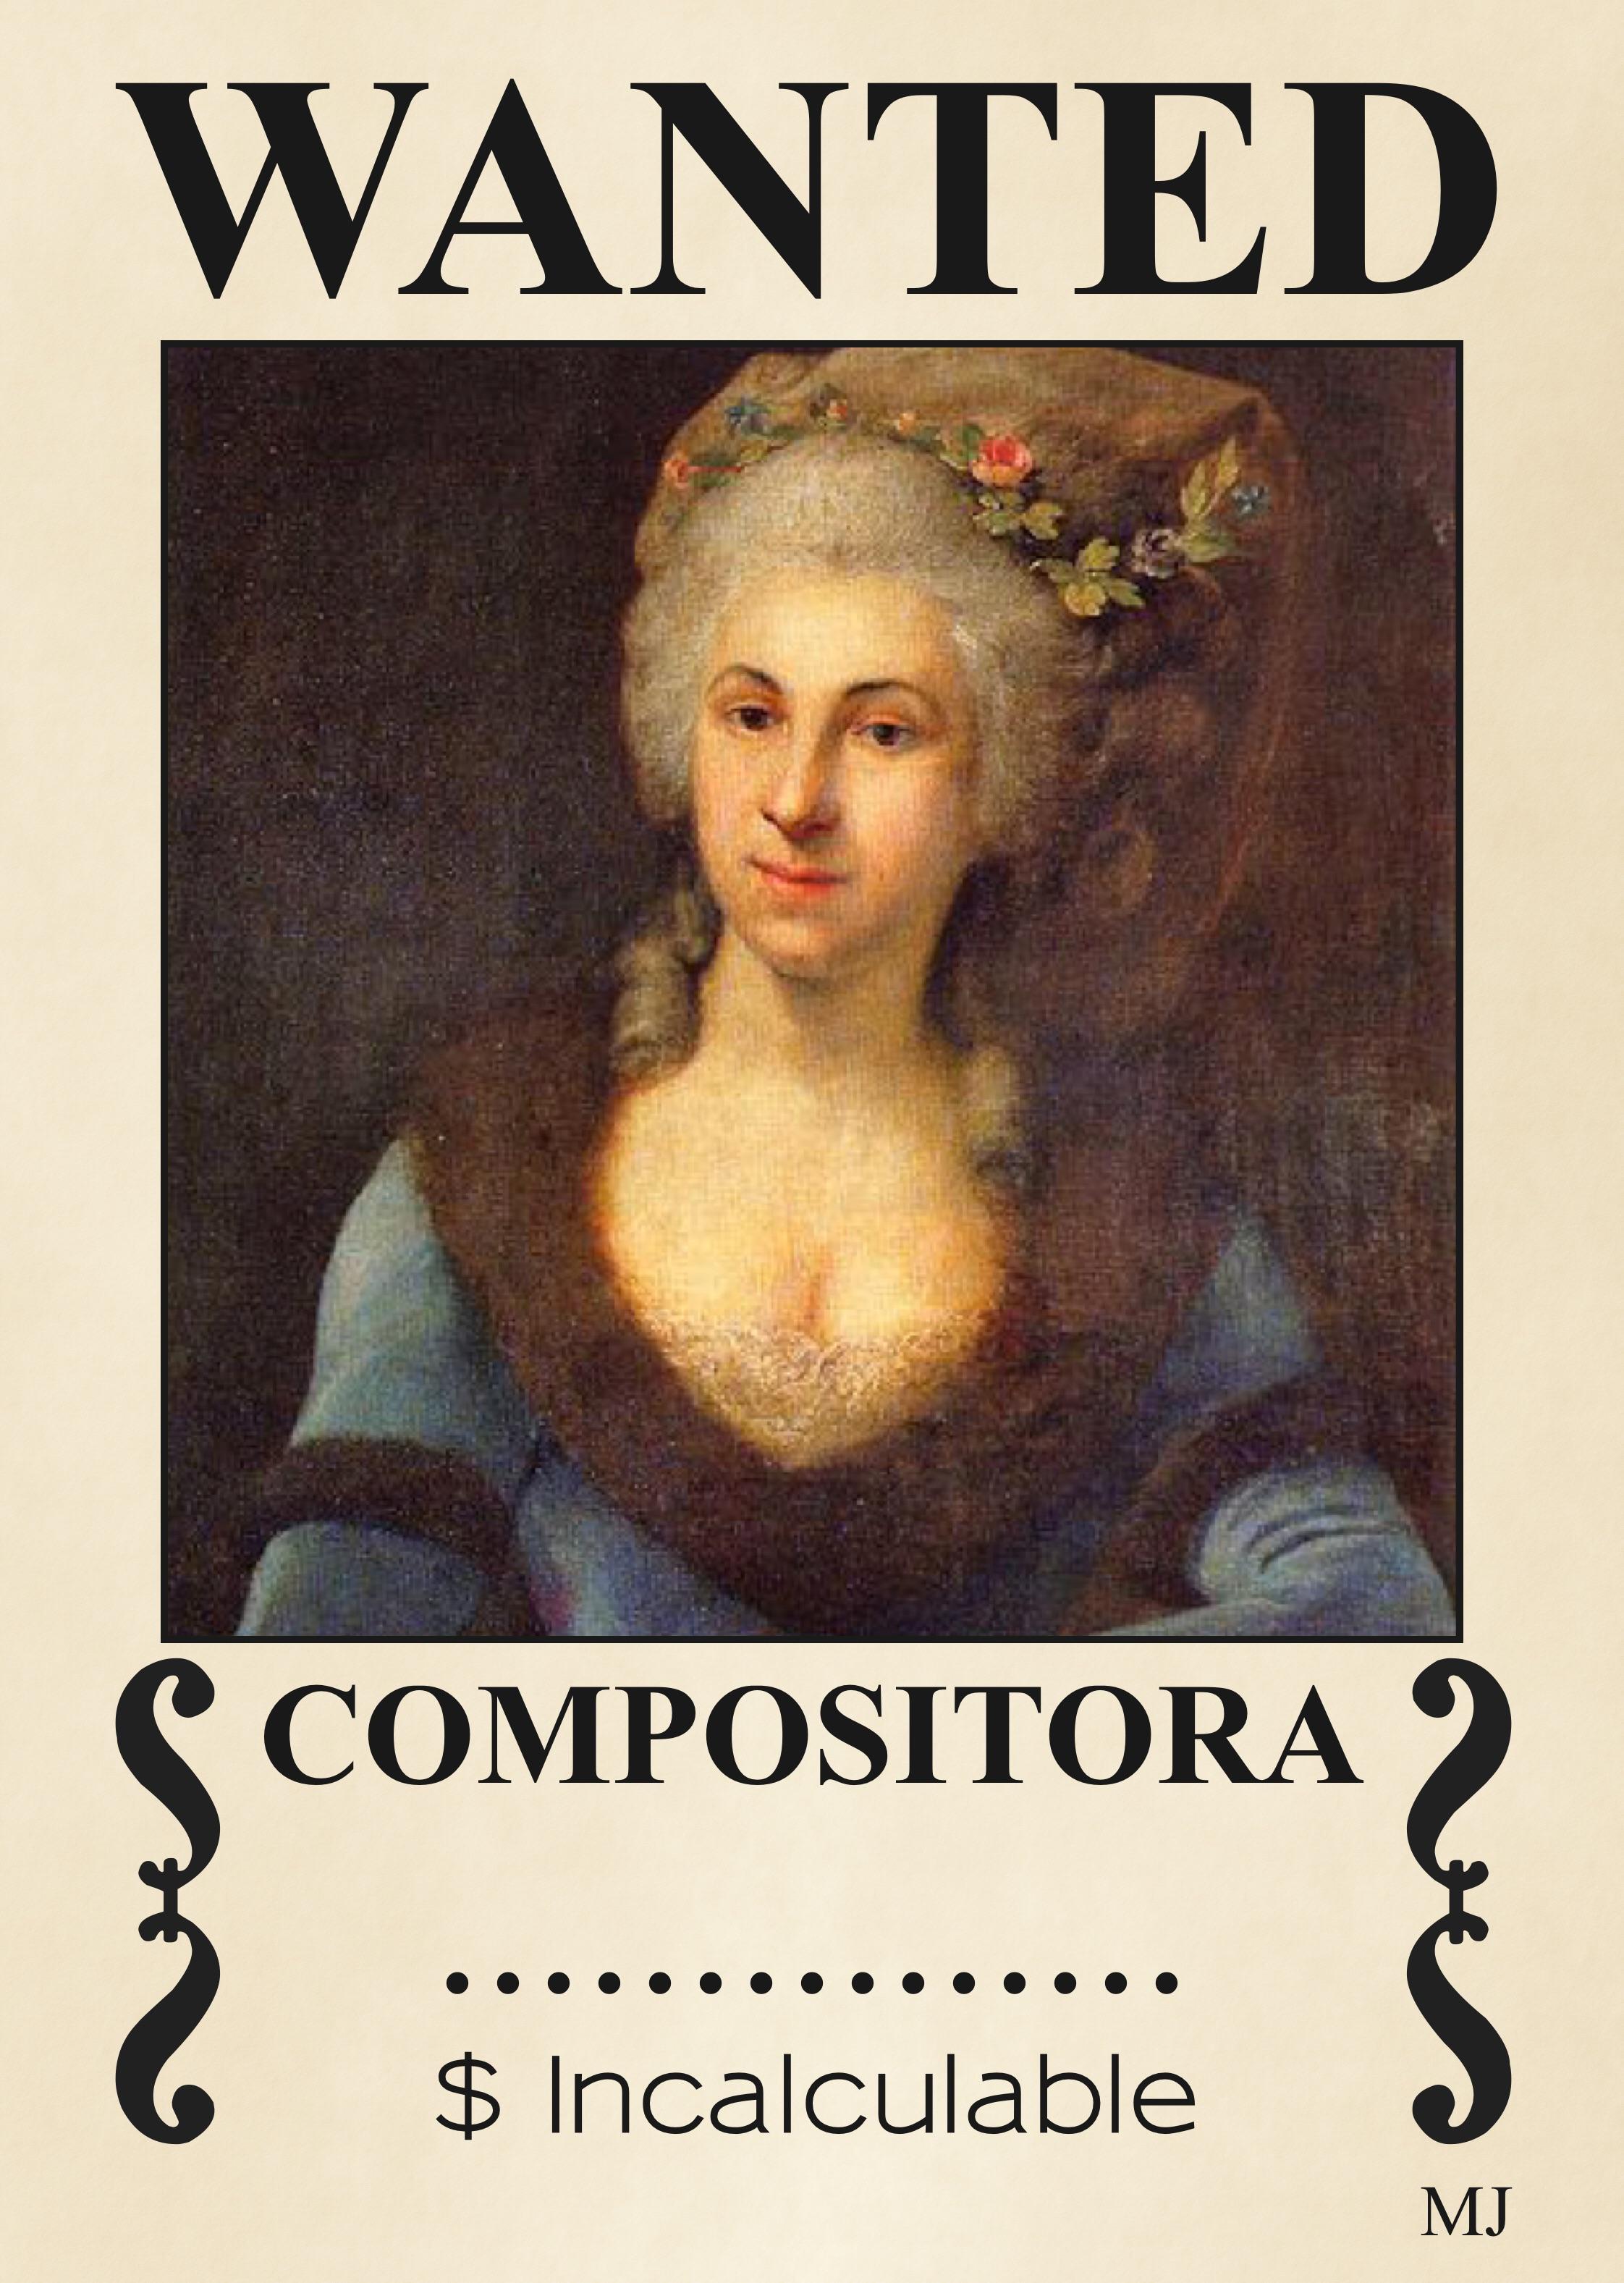 compositora17